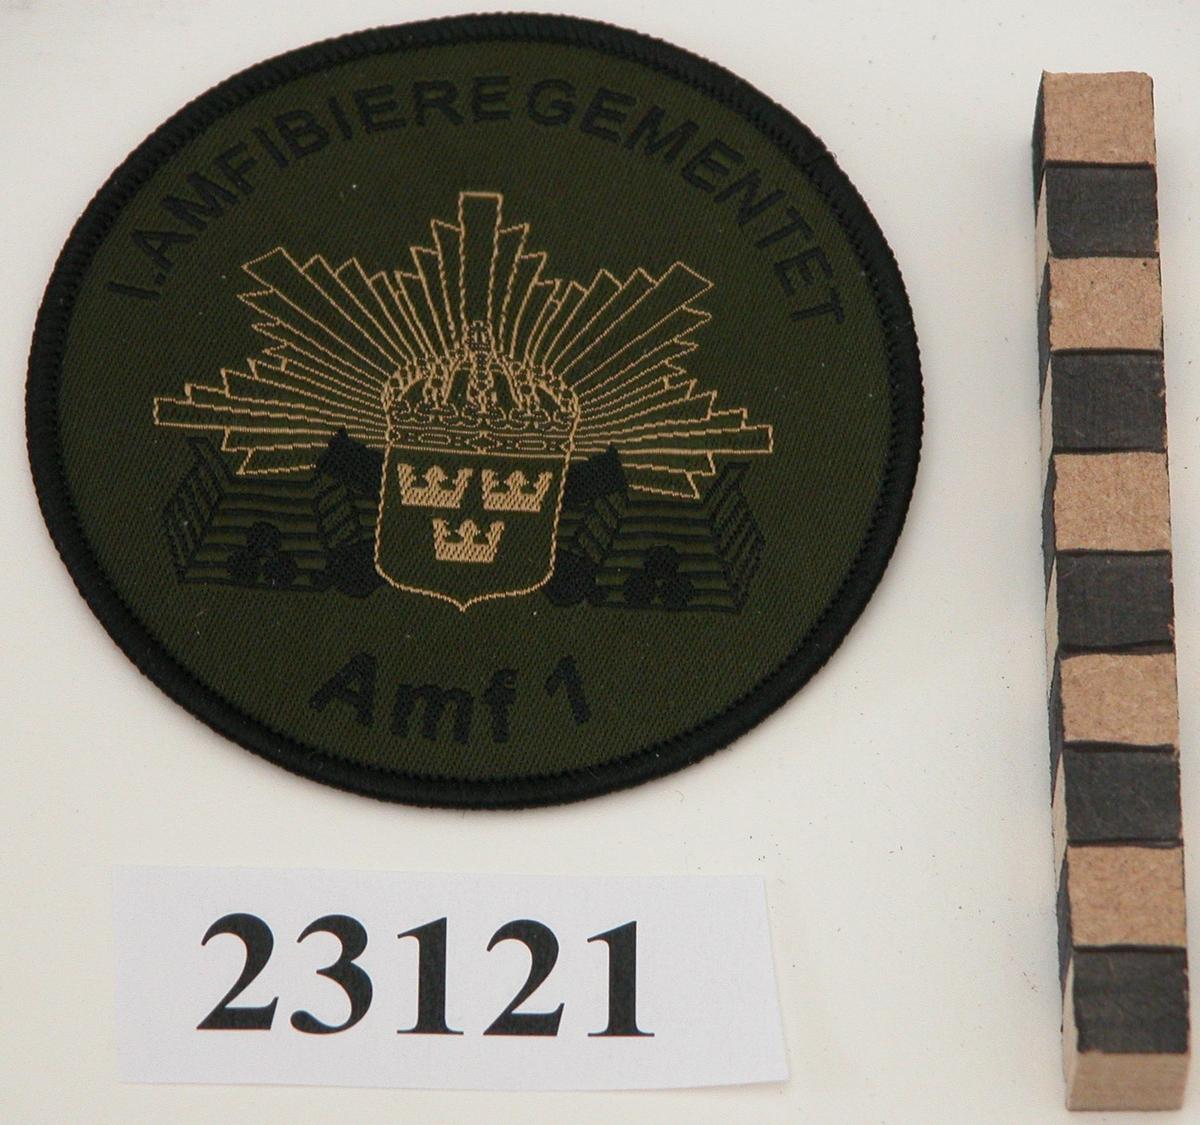 """Ett cirkelrunt märke av mörkgrönt tyg försett med broderad text i svart """"1.AMFIBIEREGEMENTET"""" OCH """"Amf 1"""" övererst resp nederst. I mitten en med guldtråd broderad vapensköld med tre kronor, krönt av kunglig krona lagd över två korslagda kanoner i svart brodyr. Bakom skölden kantiga guldstrålar samt stiliserad befästningsmur i svart brodyr. Framför muren på vardera sidan av skölden tre runda, svarta kanonkulor. Märket kantat med svart tråd. På baksidan påstruket vitt flisselin och ett fastlimmat märke med guldbotten på vilket det med svart tryckfärg står """"for best quality and design BACKHAUSEN AB Box 4105 30004 Halmstad Sweden Telefon 035-213700 Telefax 035 214440 E-post: info@backhausen.se www.backhausen.se"""" Till vänster om texten en tryckt pegas i svart."""